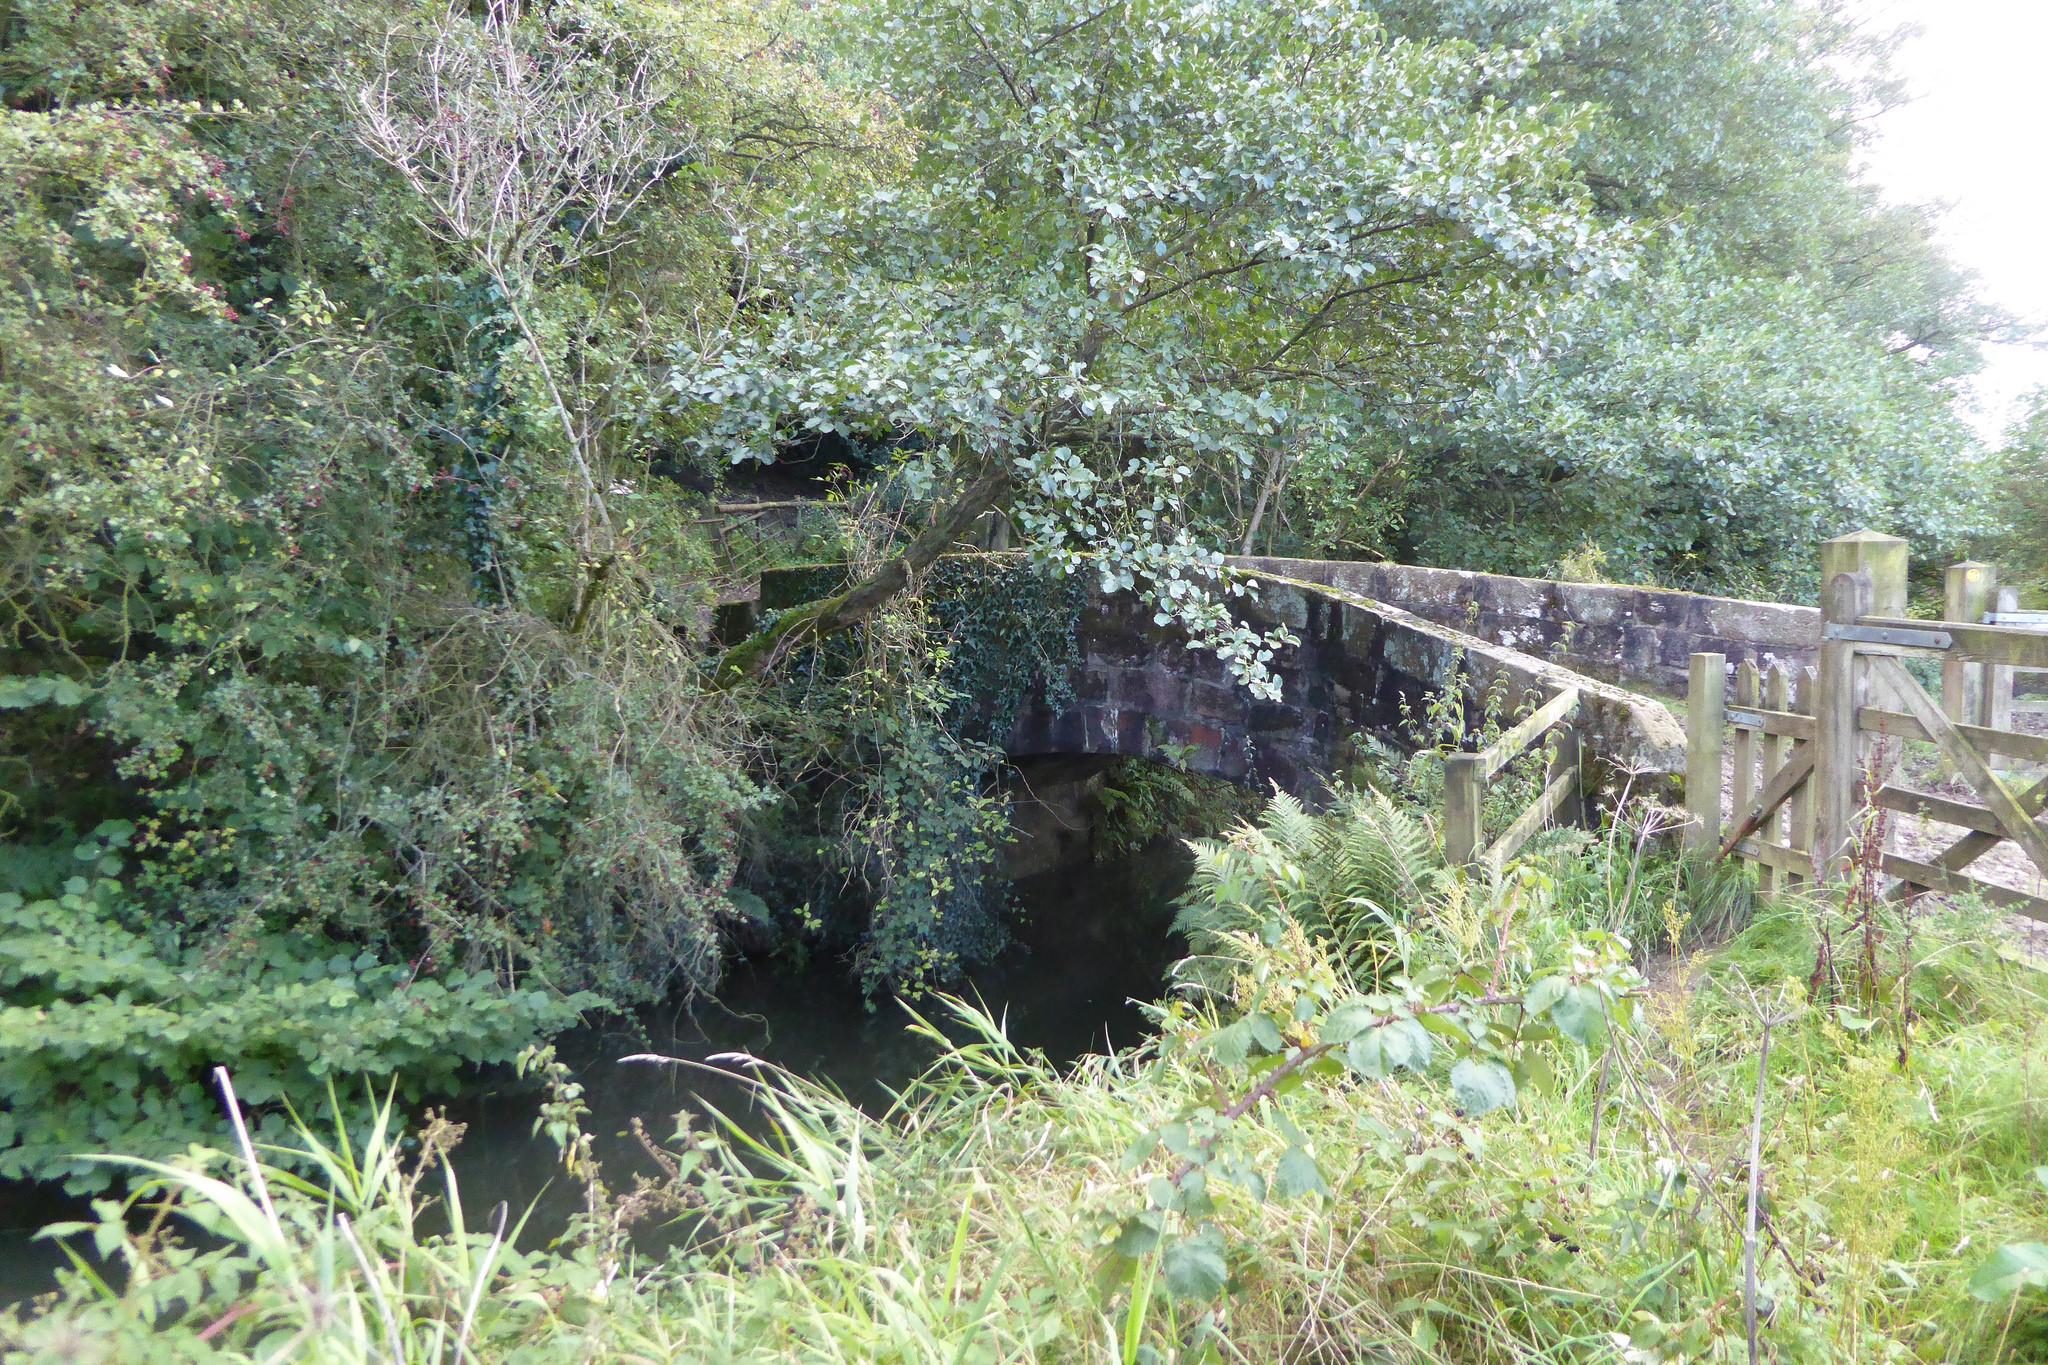 Bridge over a canal feeder